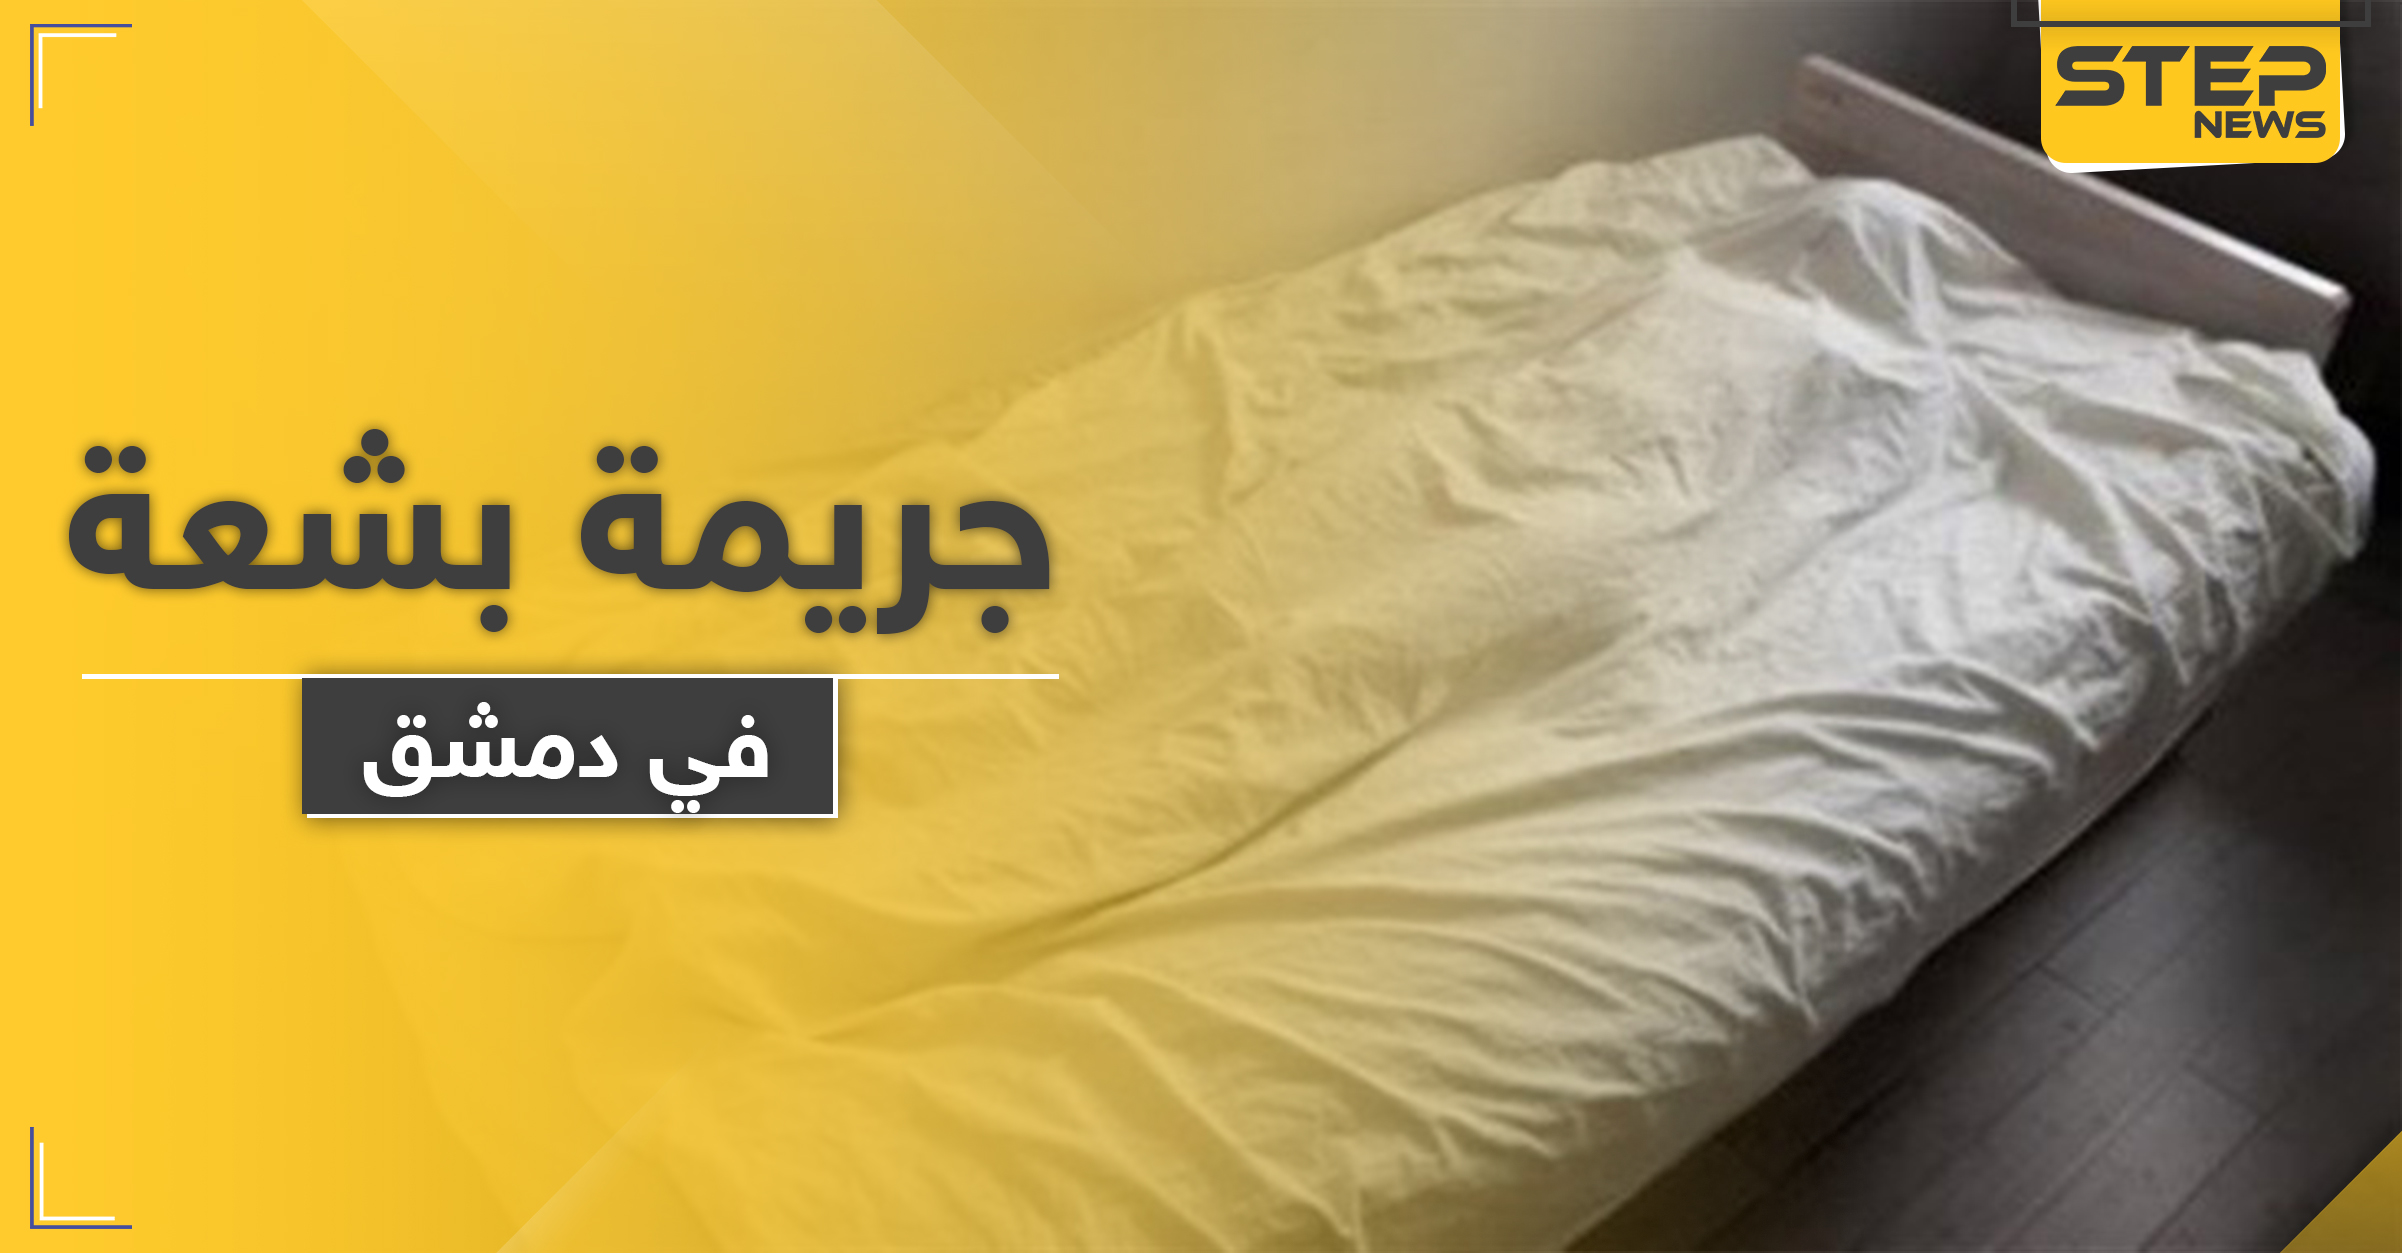 أب يرتكب جريمة بشعة ويقتل 3 من أطفاله بدم بارد بمساعدة زوجته في دمشق.. والتفاصيل